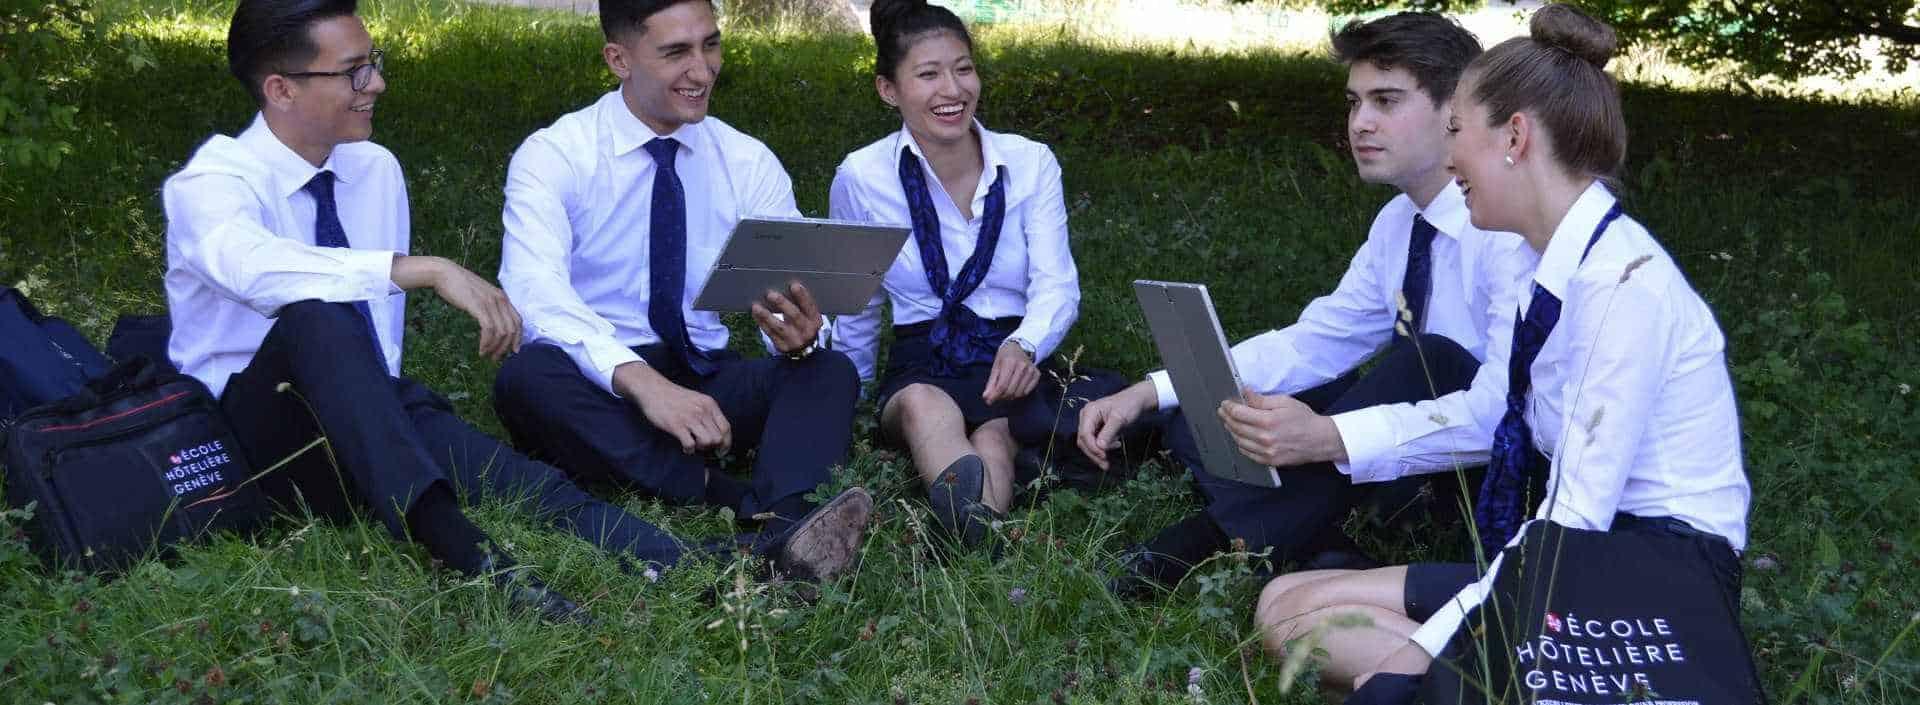 Le développement durable fait partie de l'ADN de l'Ecole Hôtelière de Genève. Le développement durable à l'école